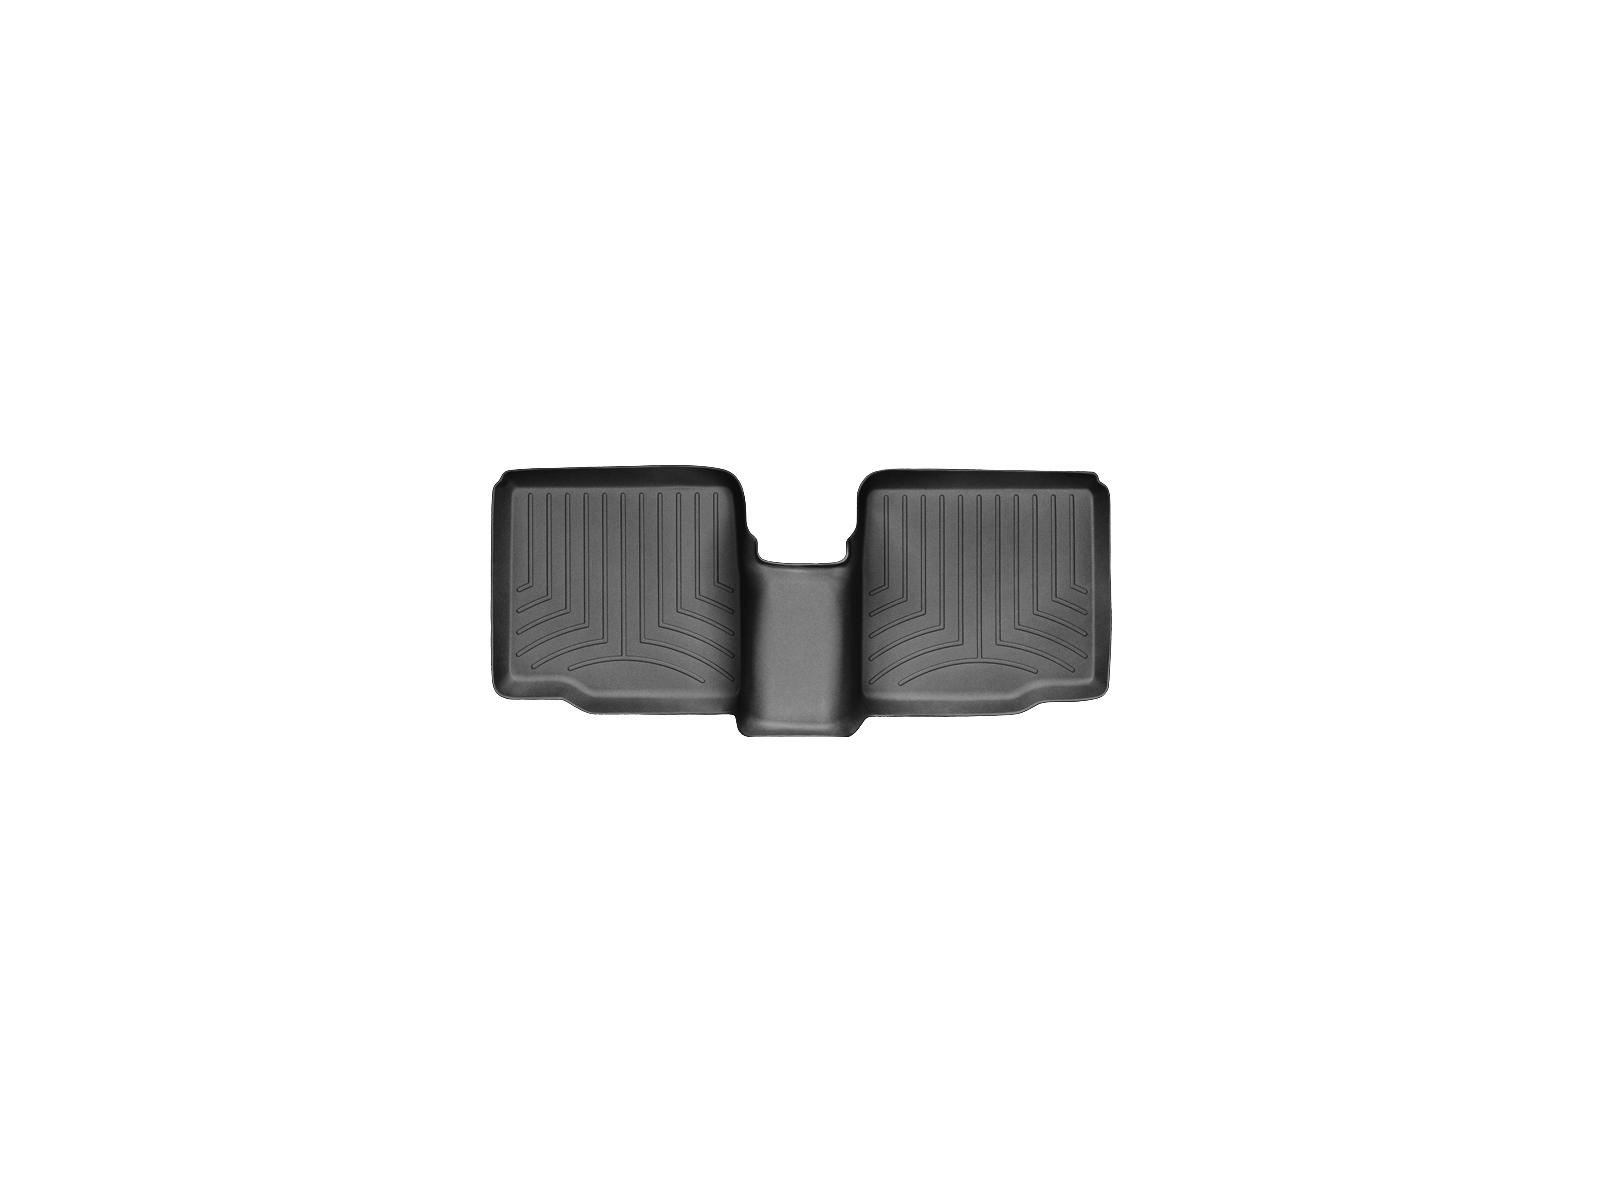 Tappeti gomma su misura bordo alto Ford Explorer 11>17 Nero A876*